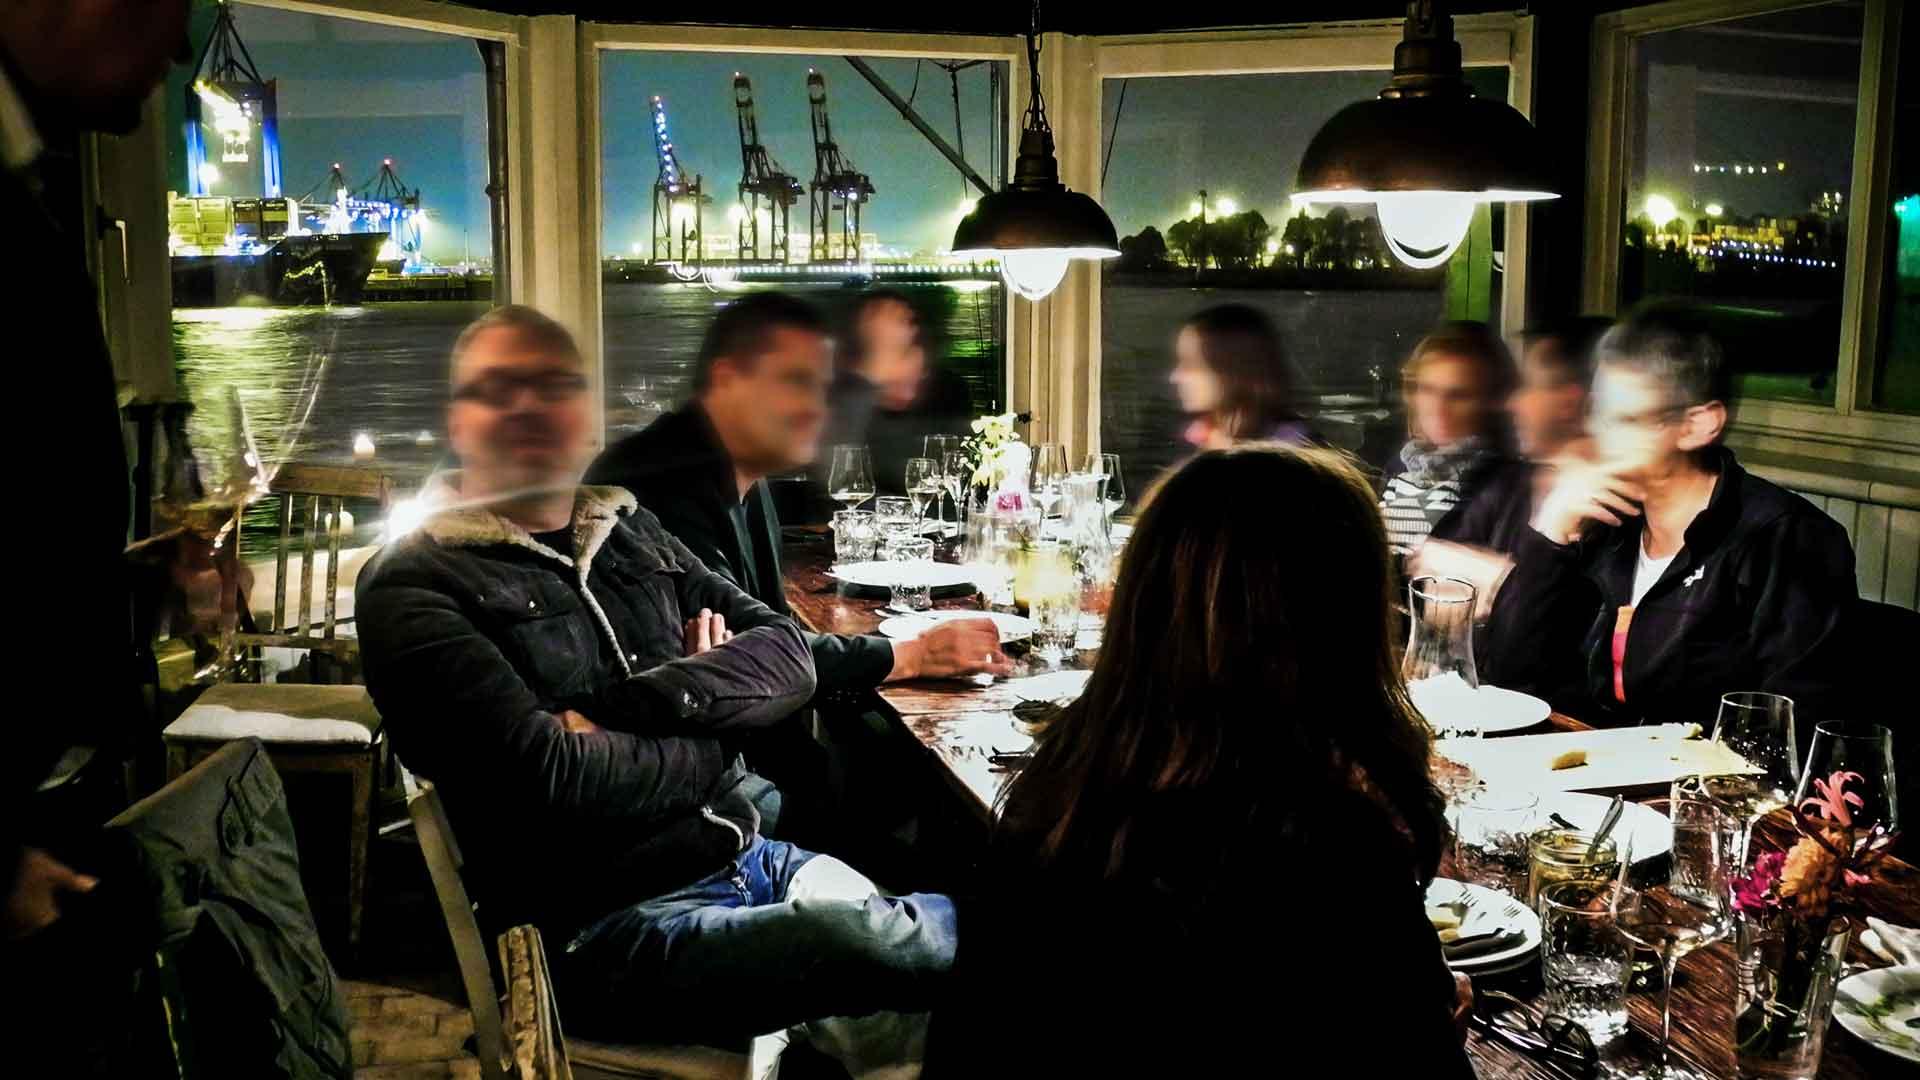 Carsten Laades Weinbühne am Hamburger Hafen bei Nacht